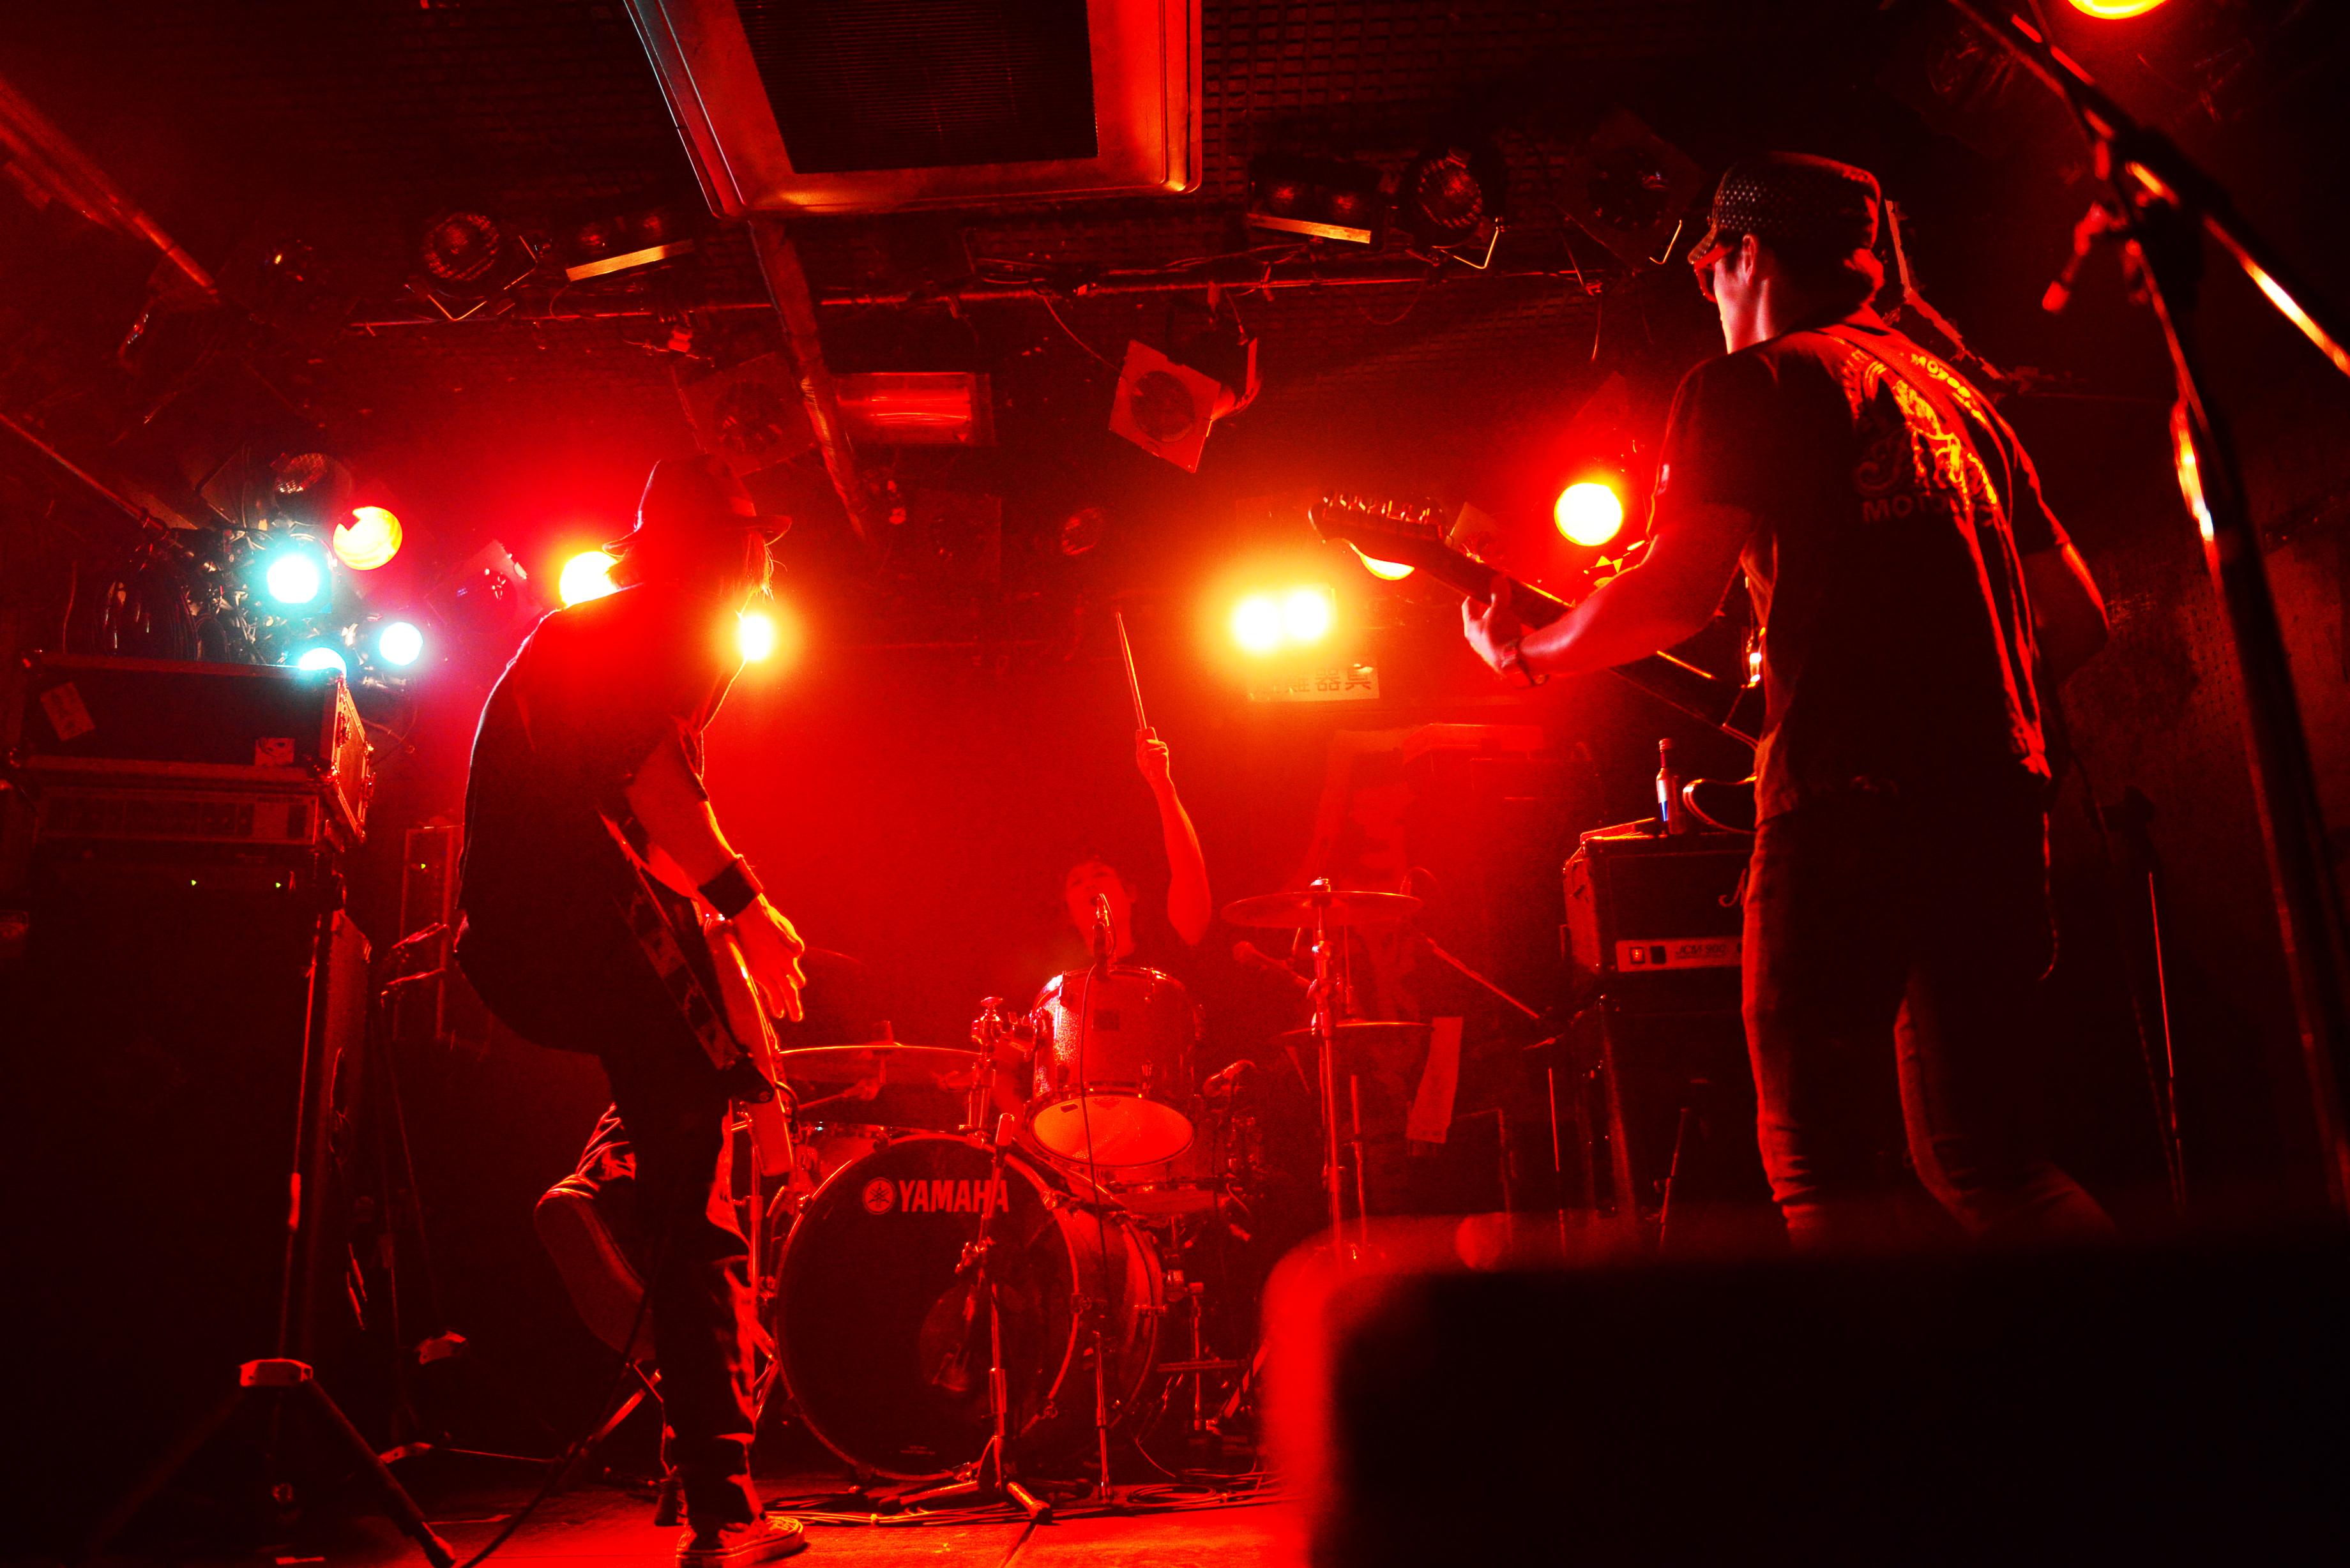 『クンニダイスキーズ』バンド界の実在する伝説、LIVE DVD制作プロジェクト